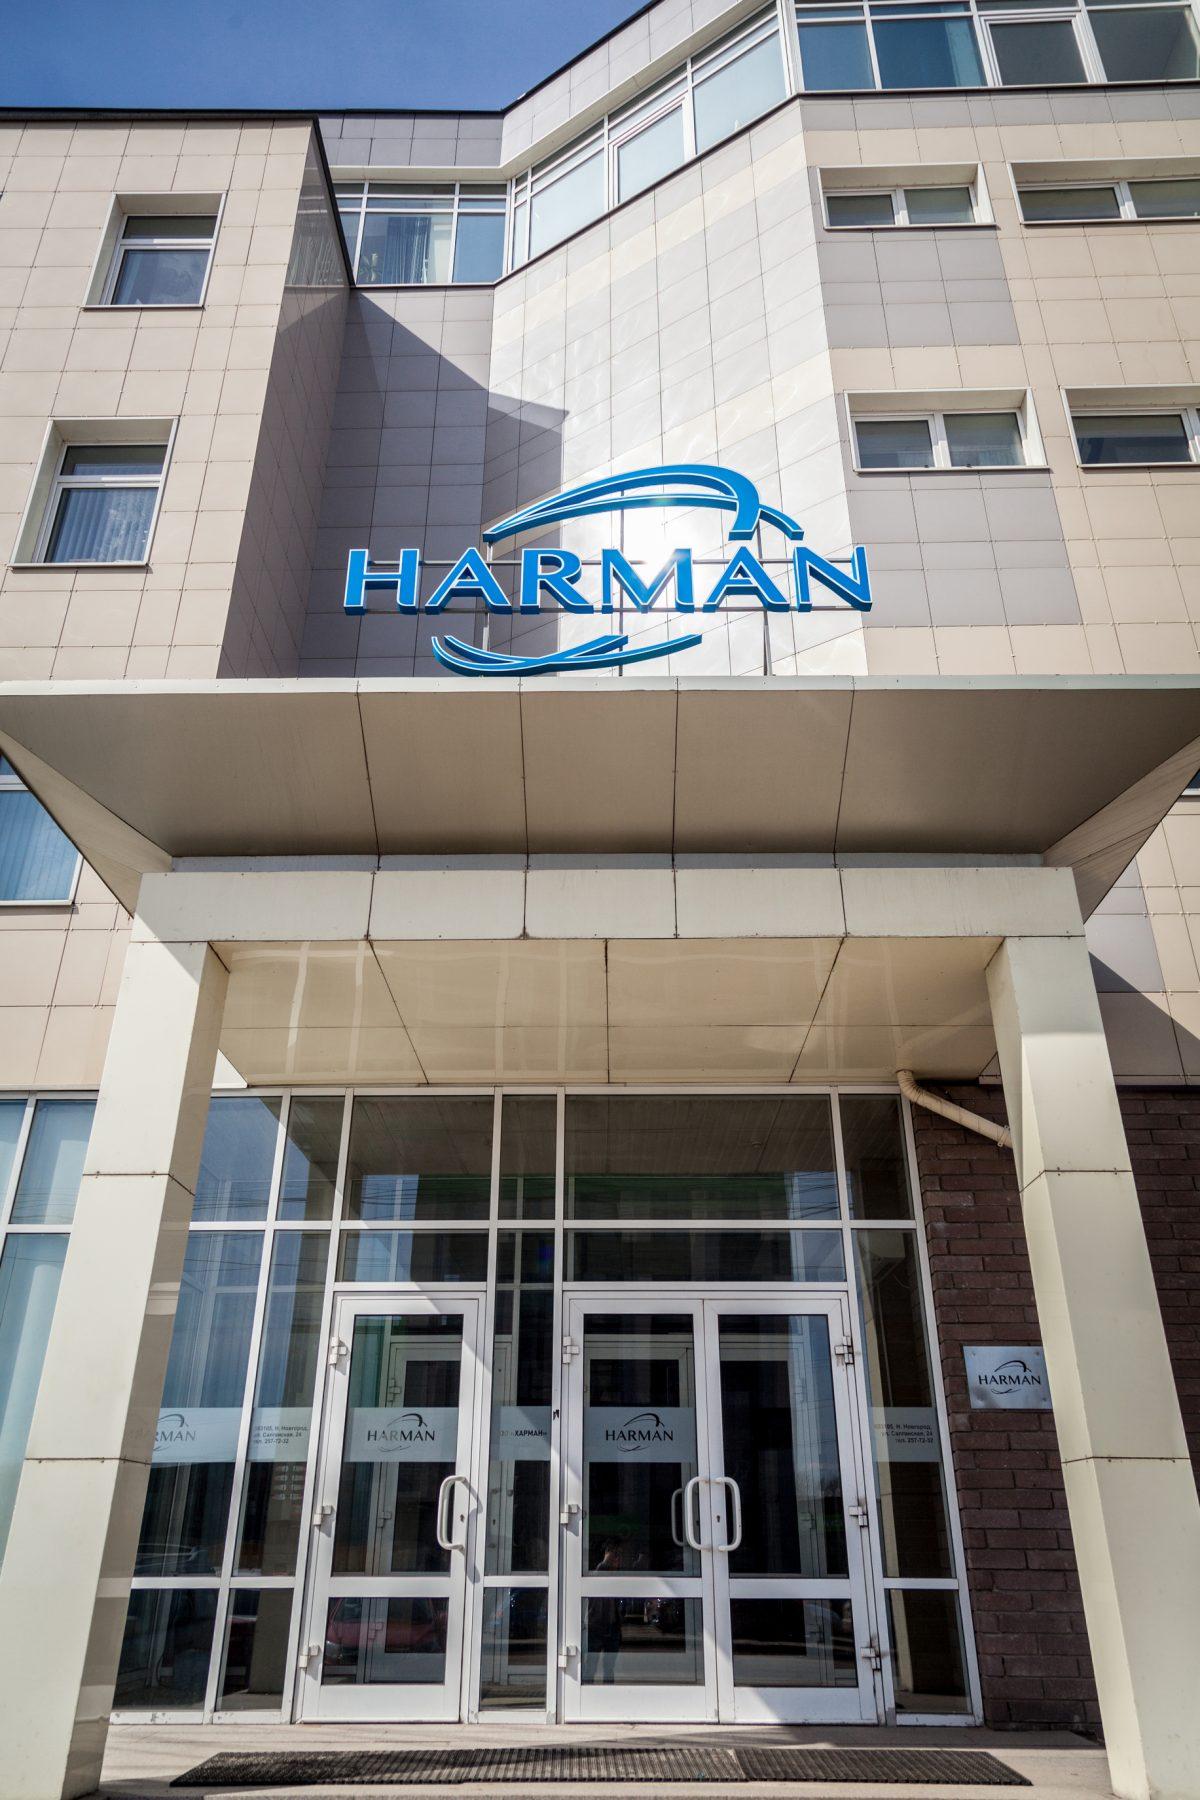 Как Harman незаметно делает нашу жизнь лучше, и при чём тут Нижний Новгород